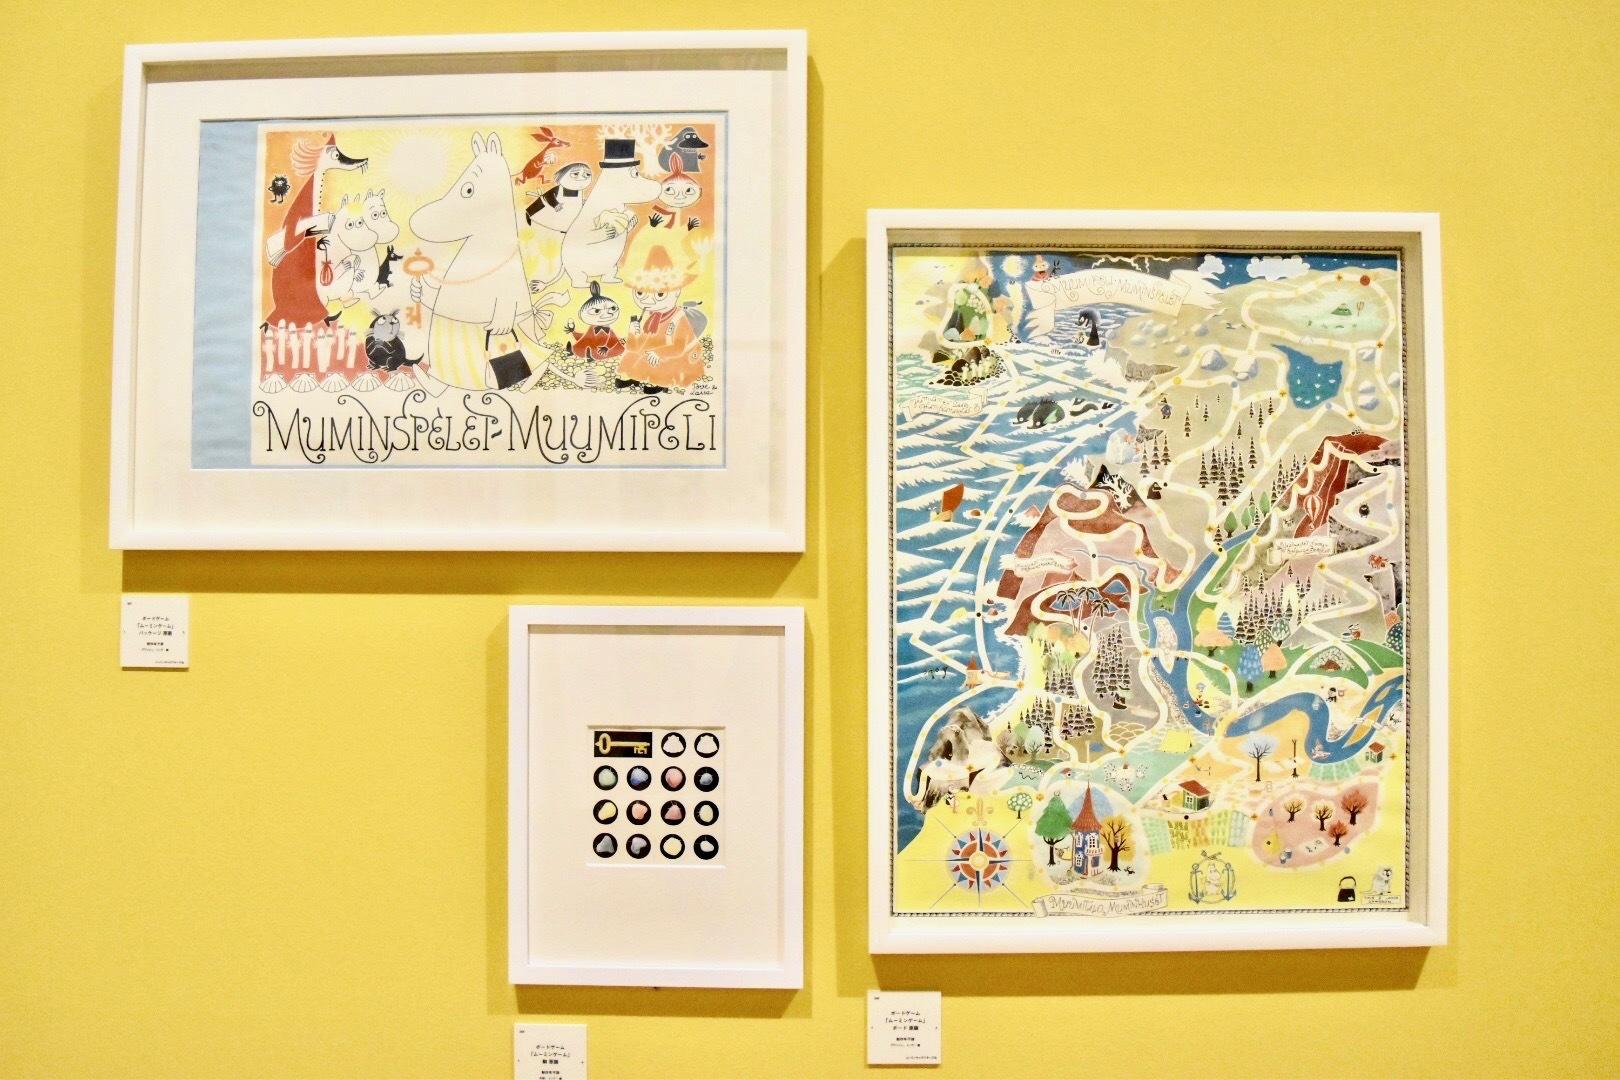 ボードゲーム「ムーミンゲーム」パッケージ(左上)、駒(左下)、ボード(右)の原画 いずれも制作年不詳 ムーミンキャラクターズ社